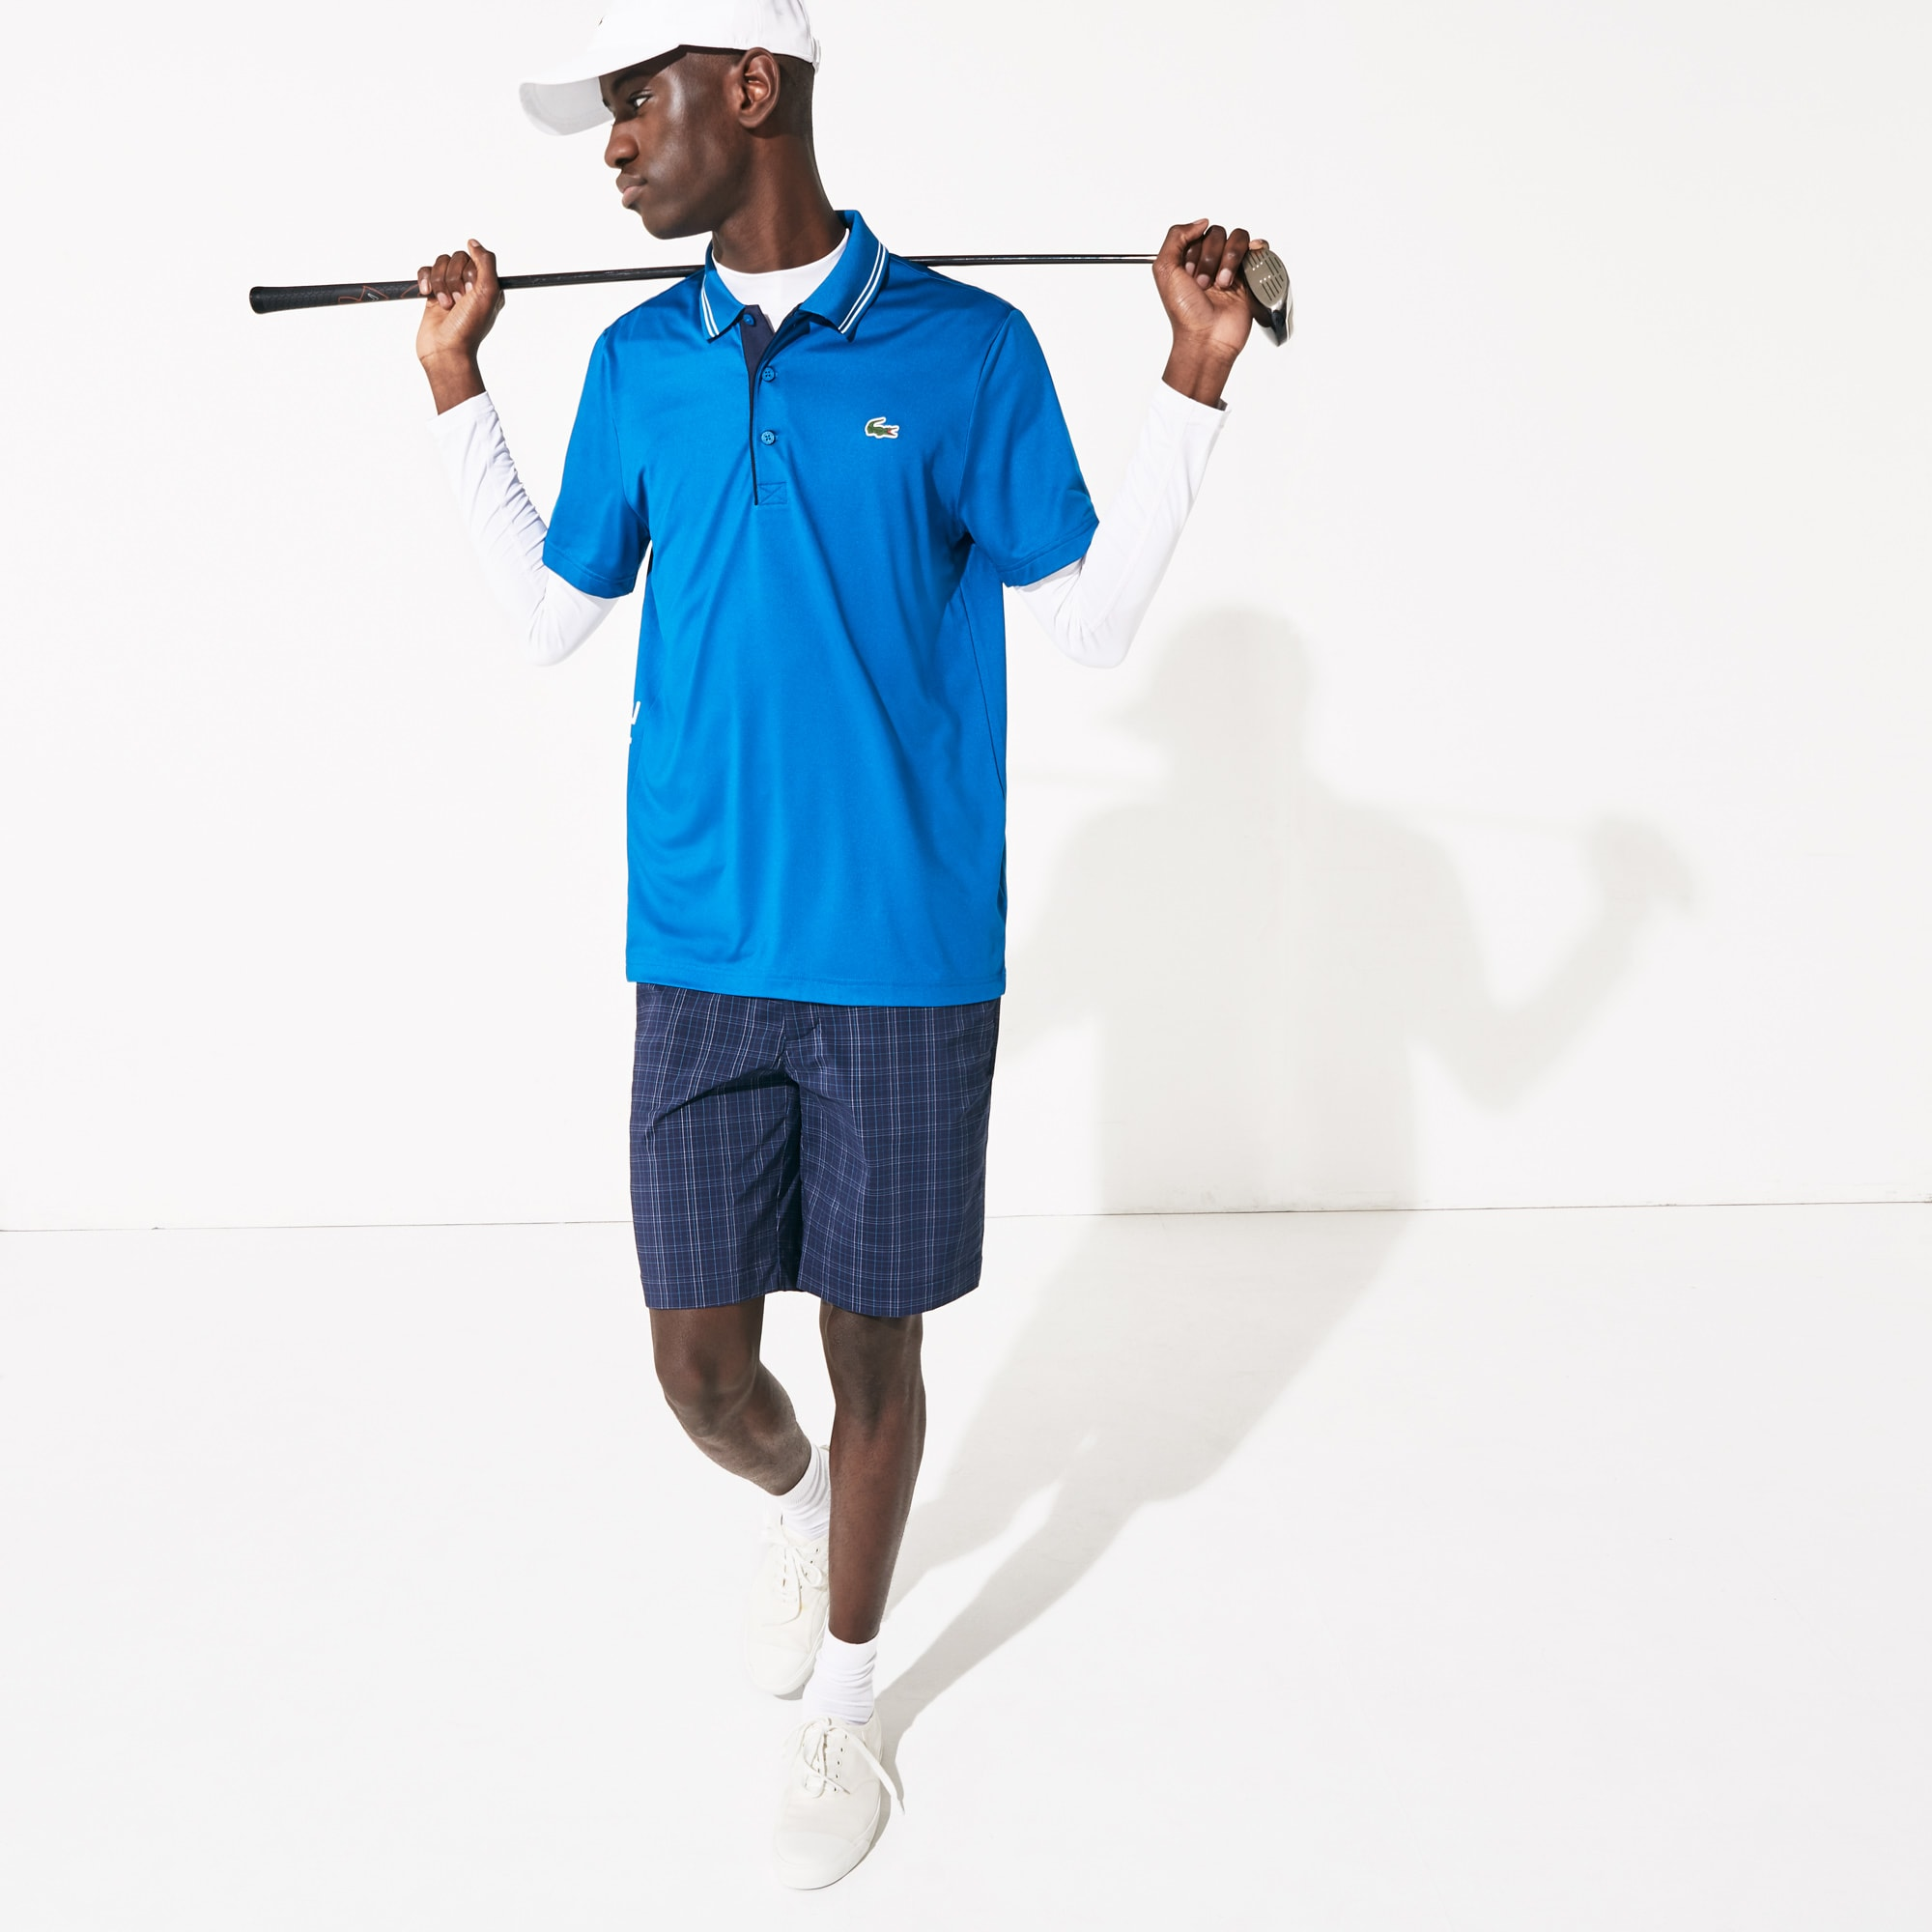 라코스테 Lacoste Mens SPORT Signature Breathable Golf Polo Shirt,Blue / Navy Blue / White - PS2